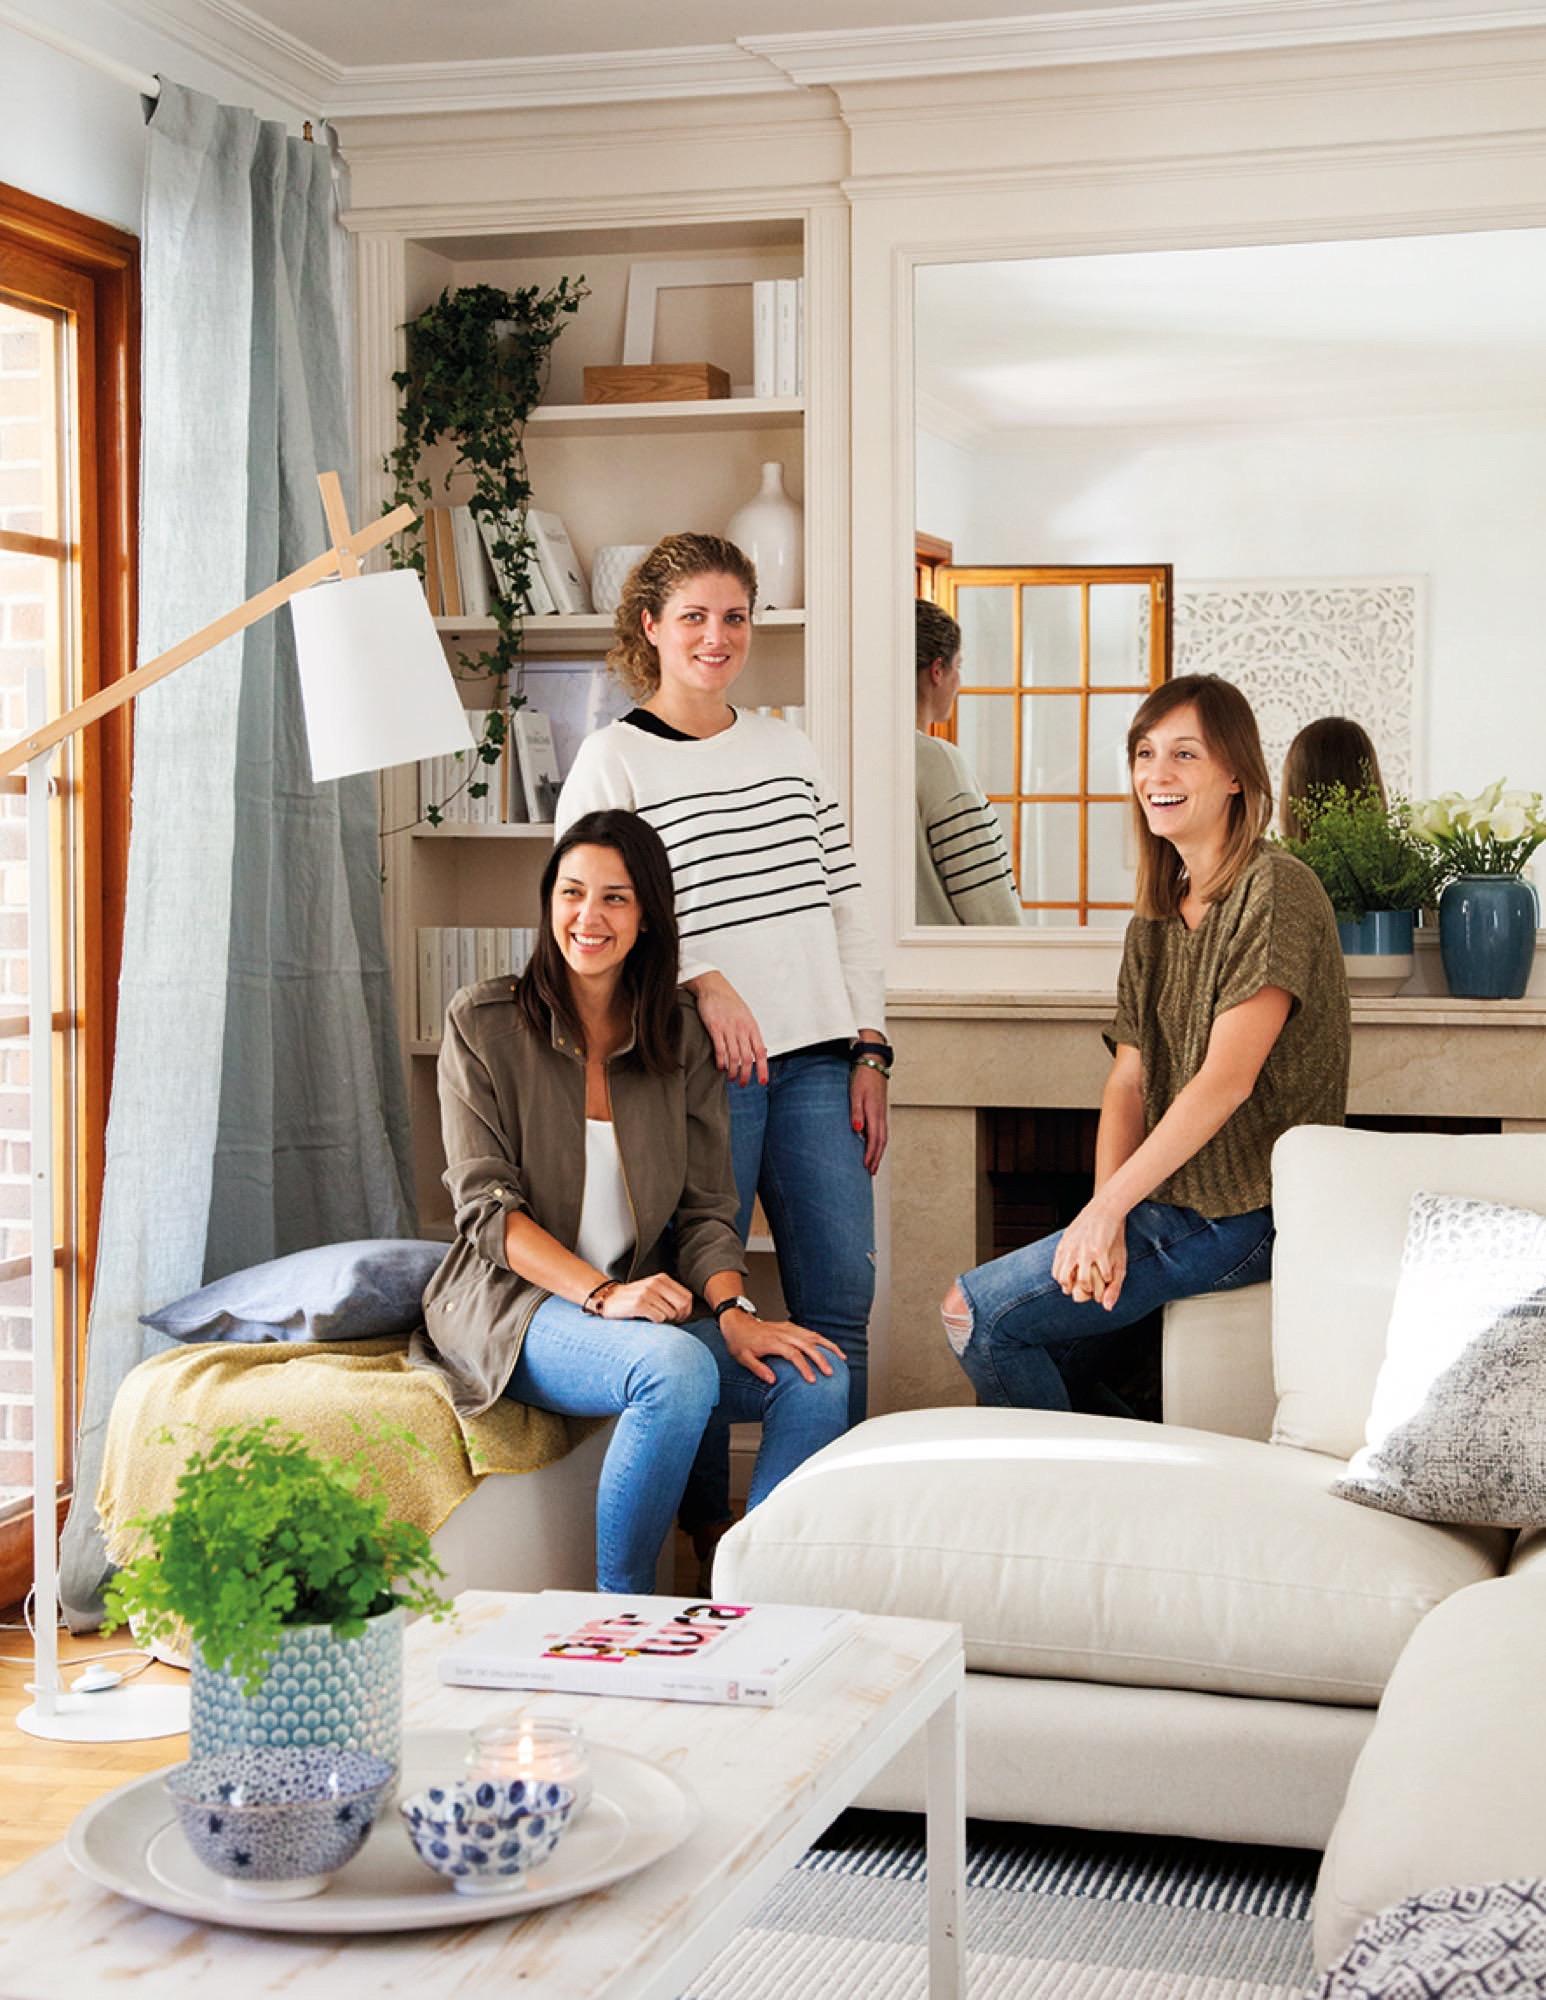 Casa en madrid redecorada para disfrutar en familia - Interioristas en madrid ...